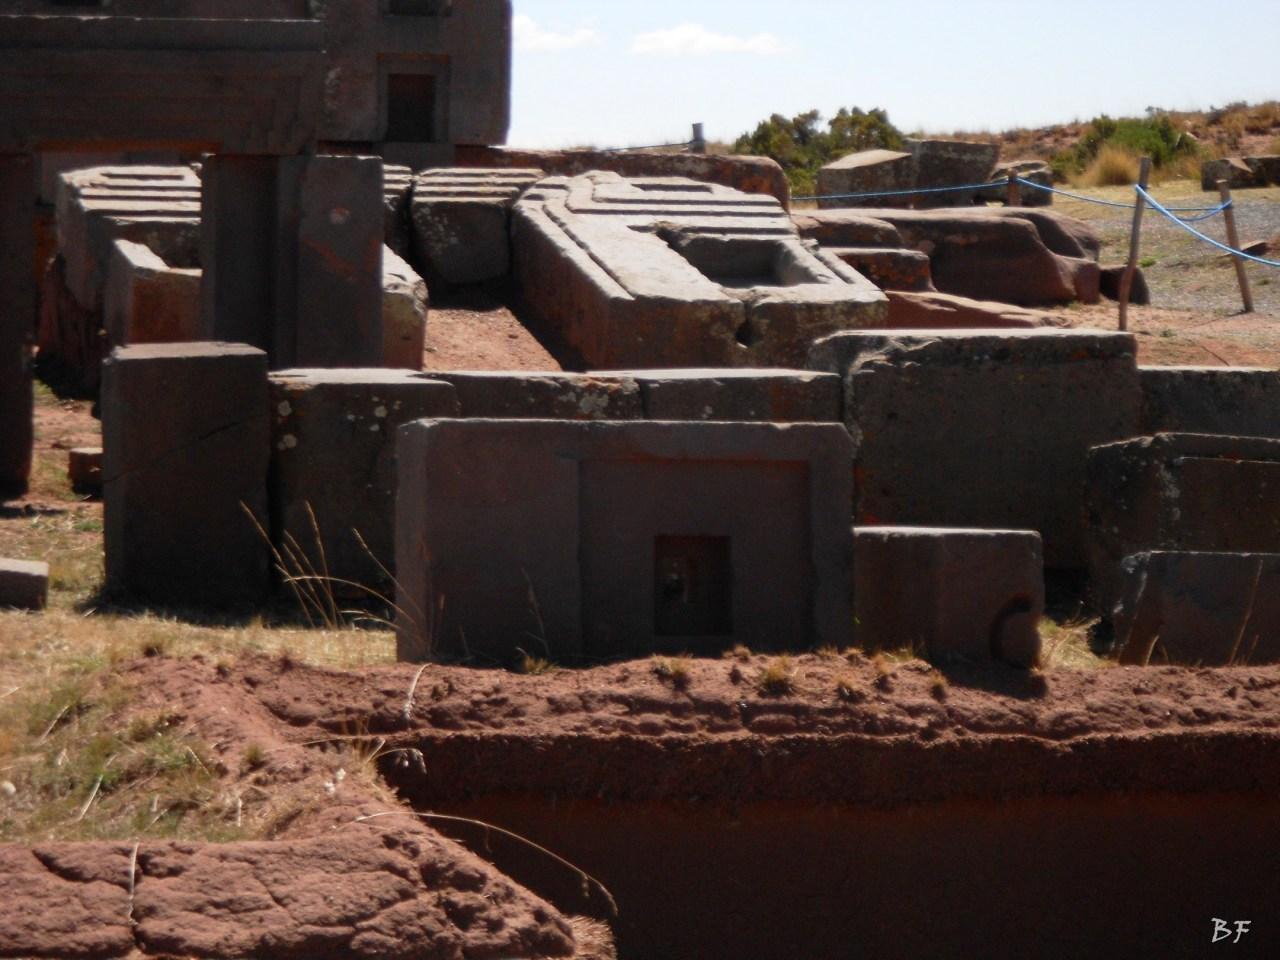 Puma-Punku-Area-Megalitica-Mura-Poligonali-Megaliti-Tiwanaku-Tiahuanaco-Bolivia-58